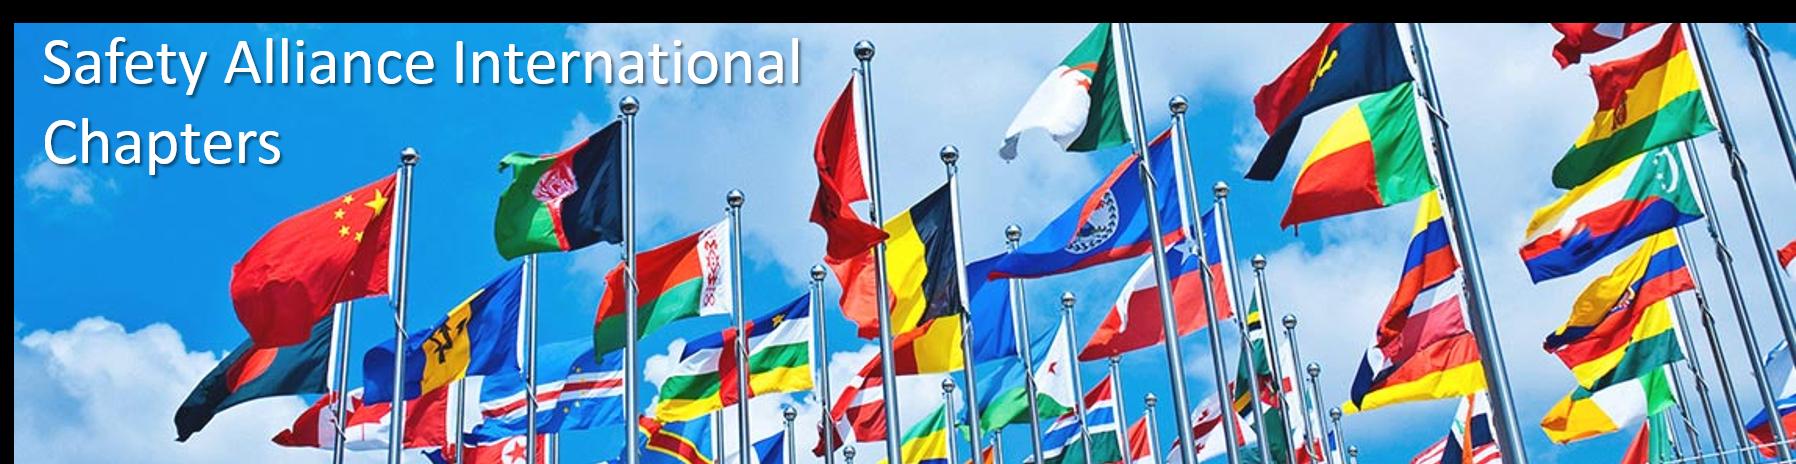 International Safety Alliance